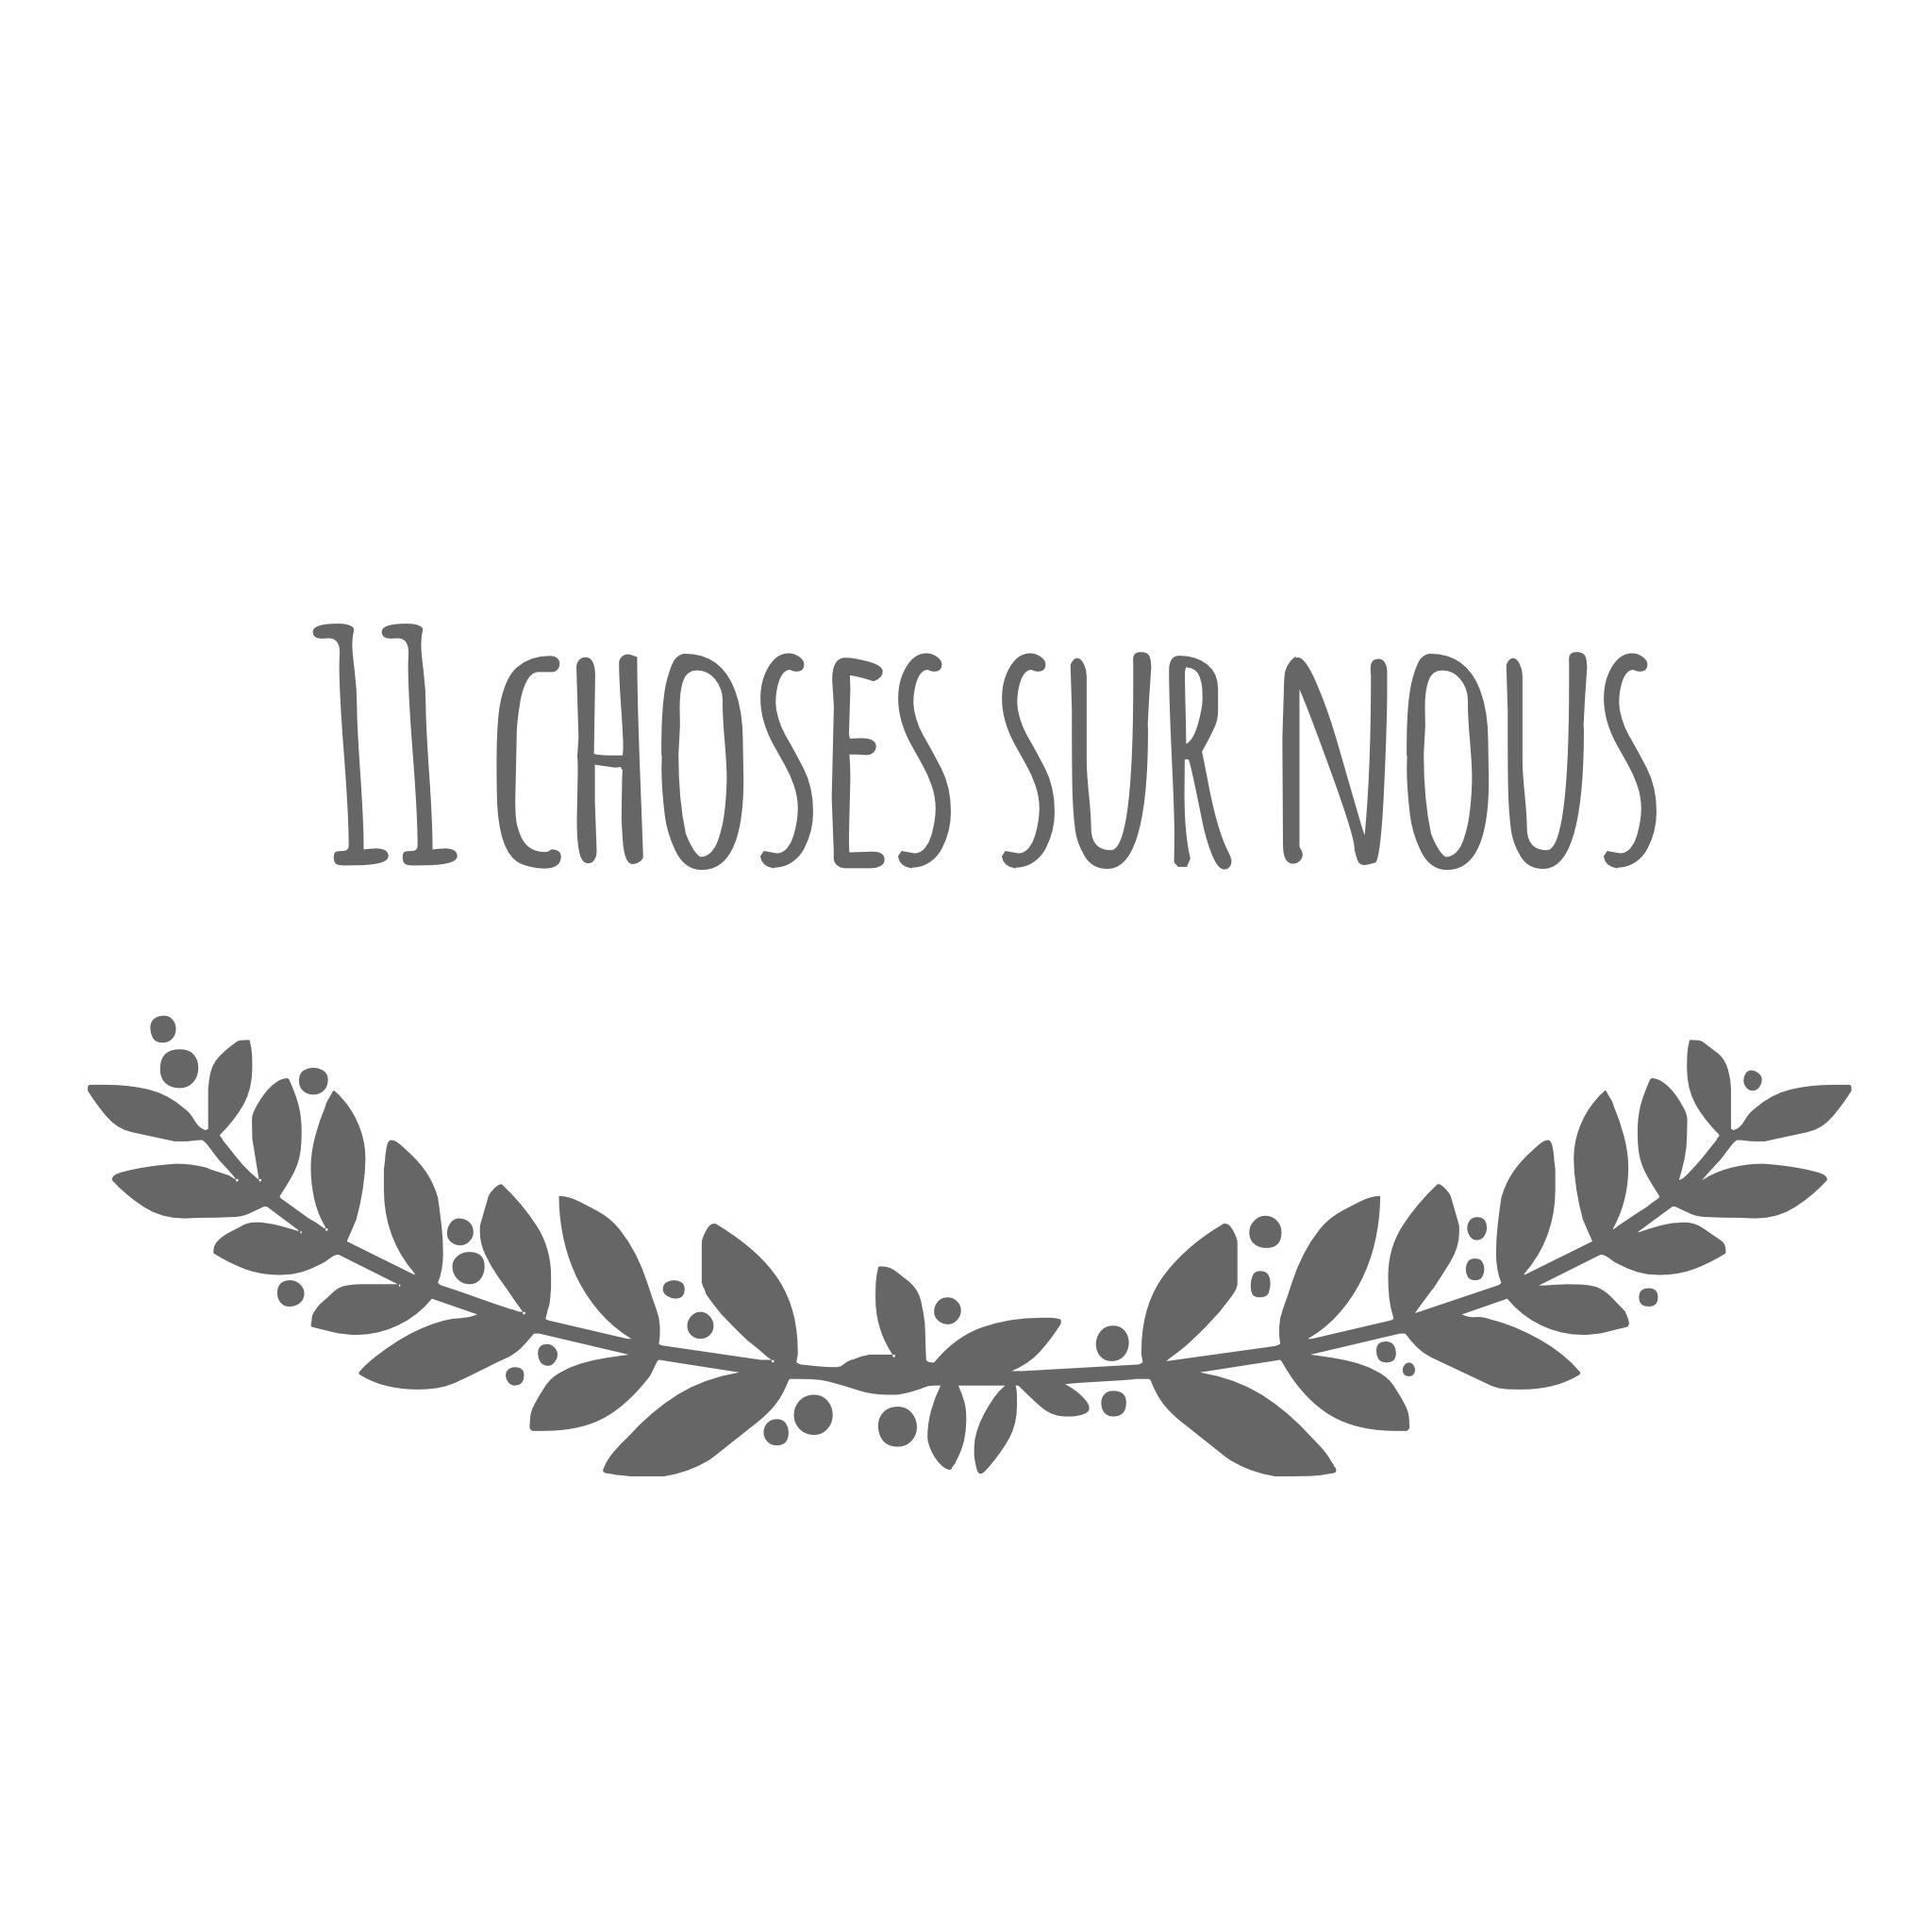 11 choses sur nous